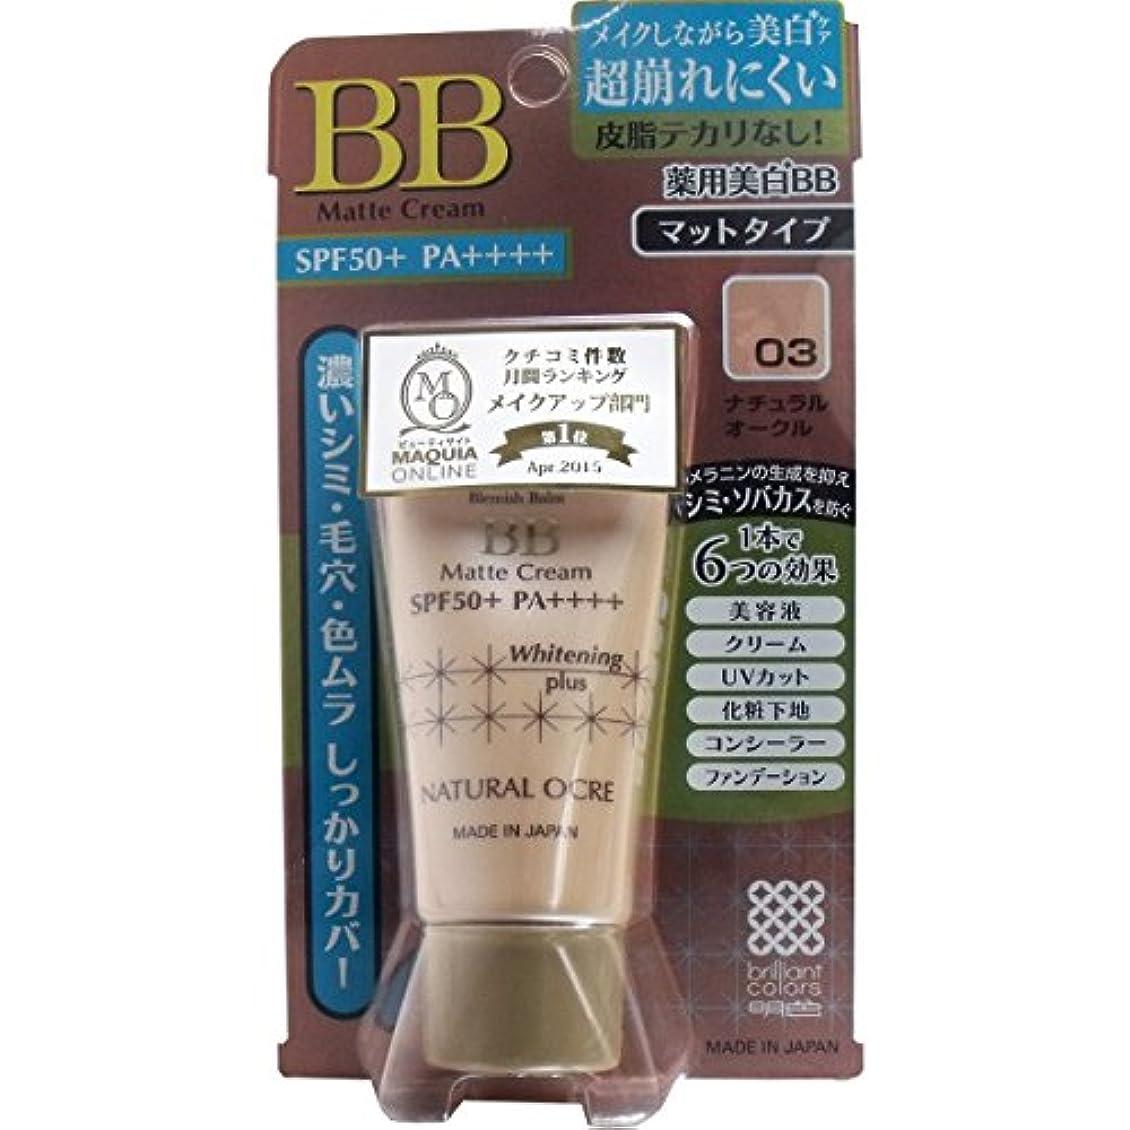 明色化粧品 モイストラボ BBマットクリーム SPF50+ PA++++ 33g ナチュラルオークル (在庫) [並行輸入品]